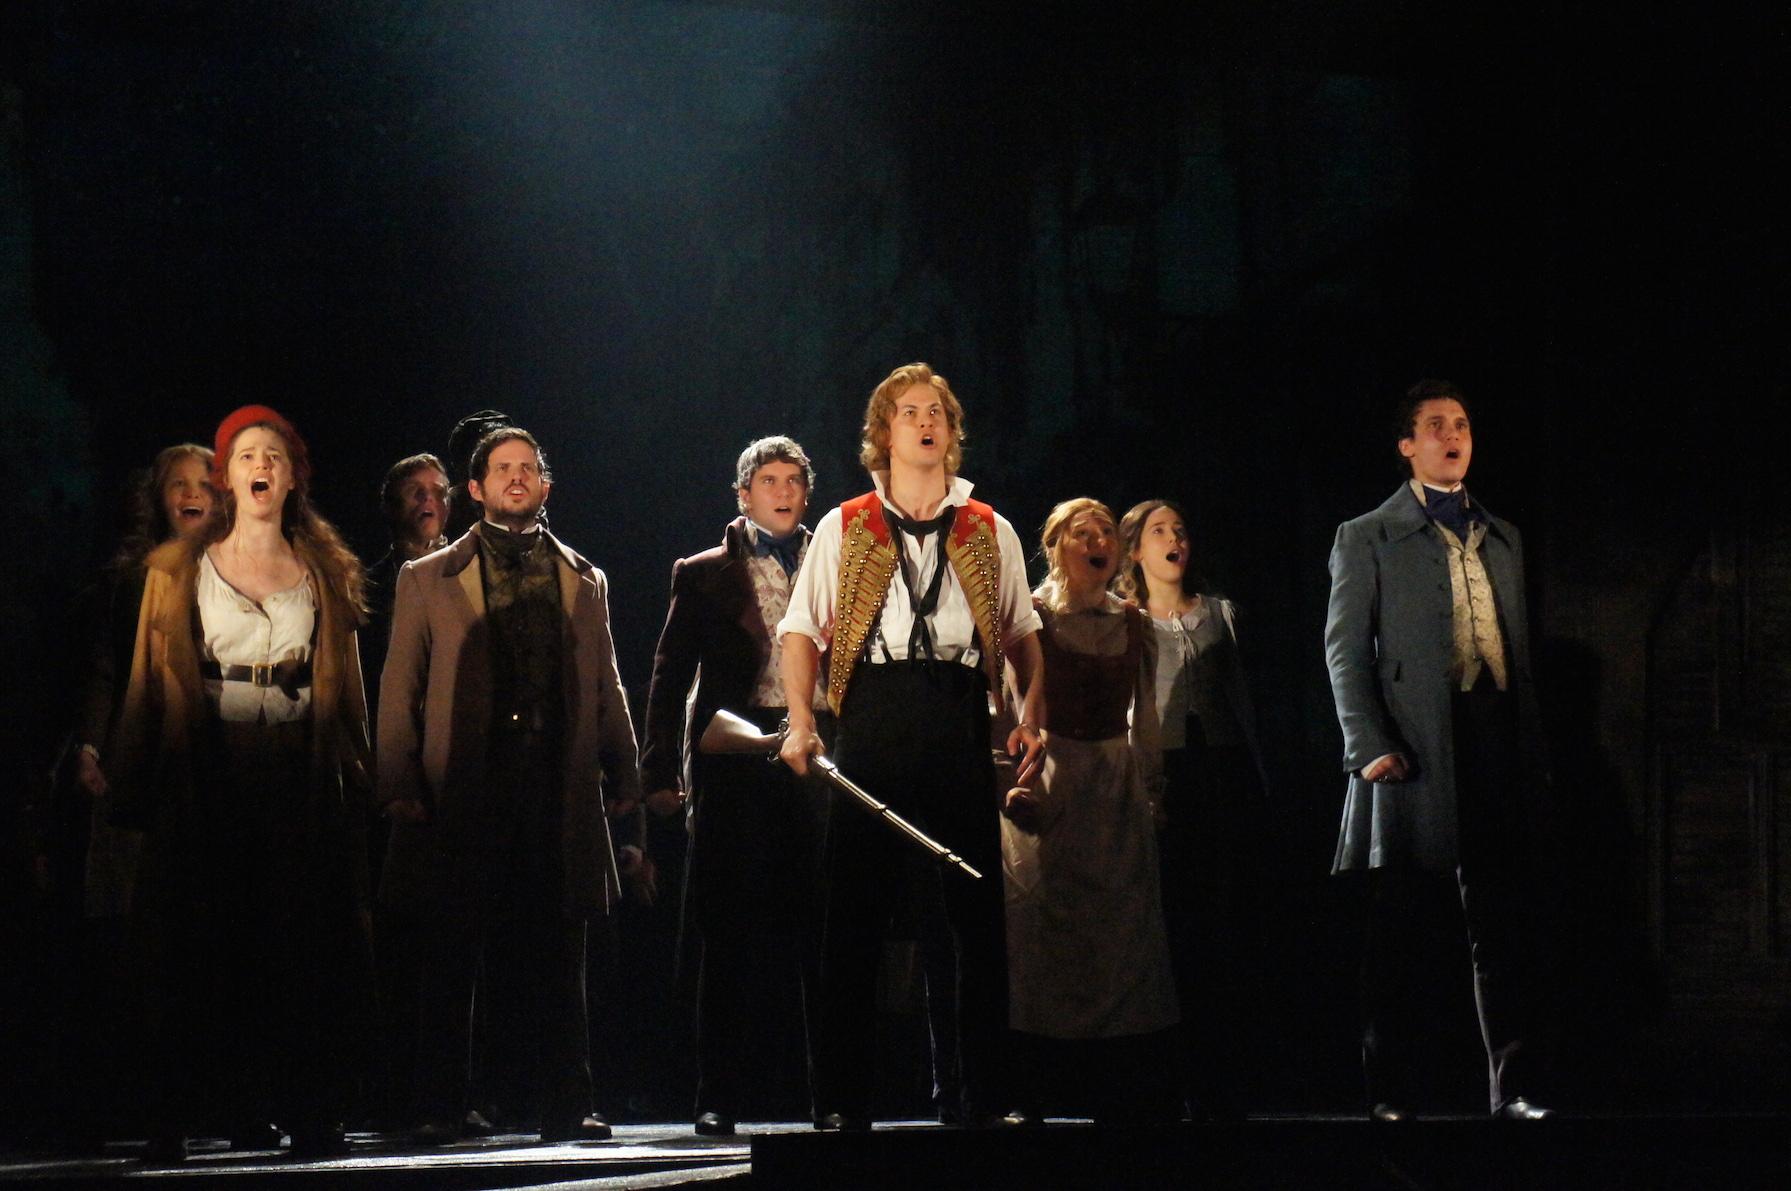 Les Misérables Melbourne 2014 sneak peek – Simon Parris: Man